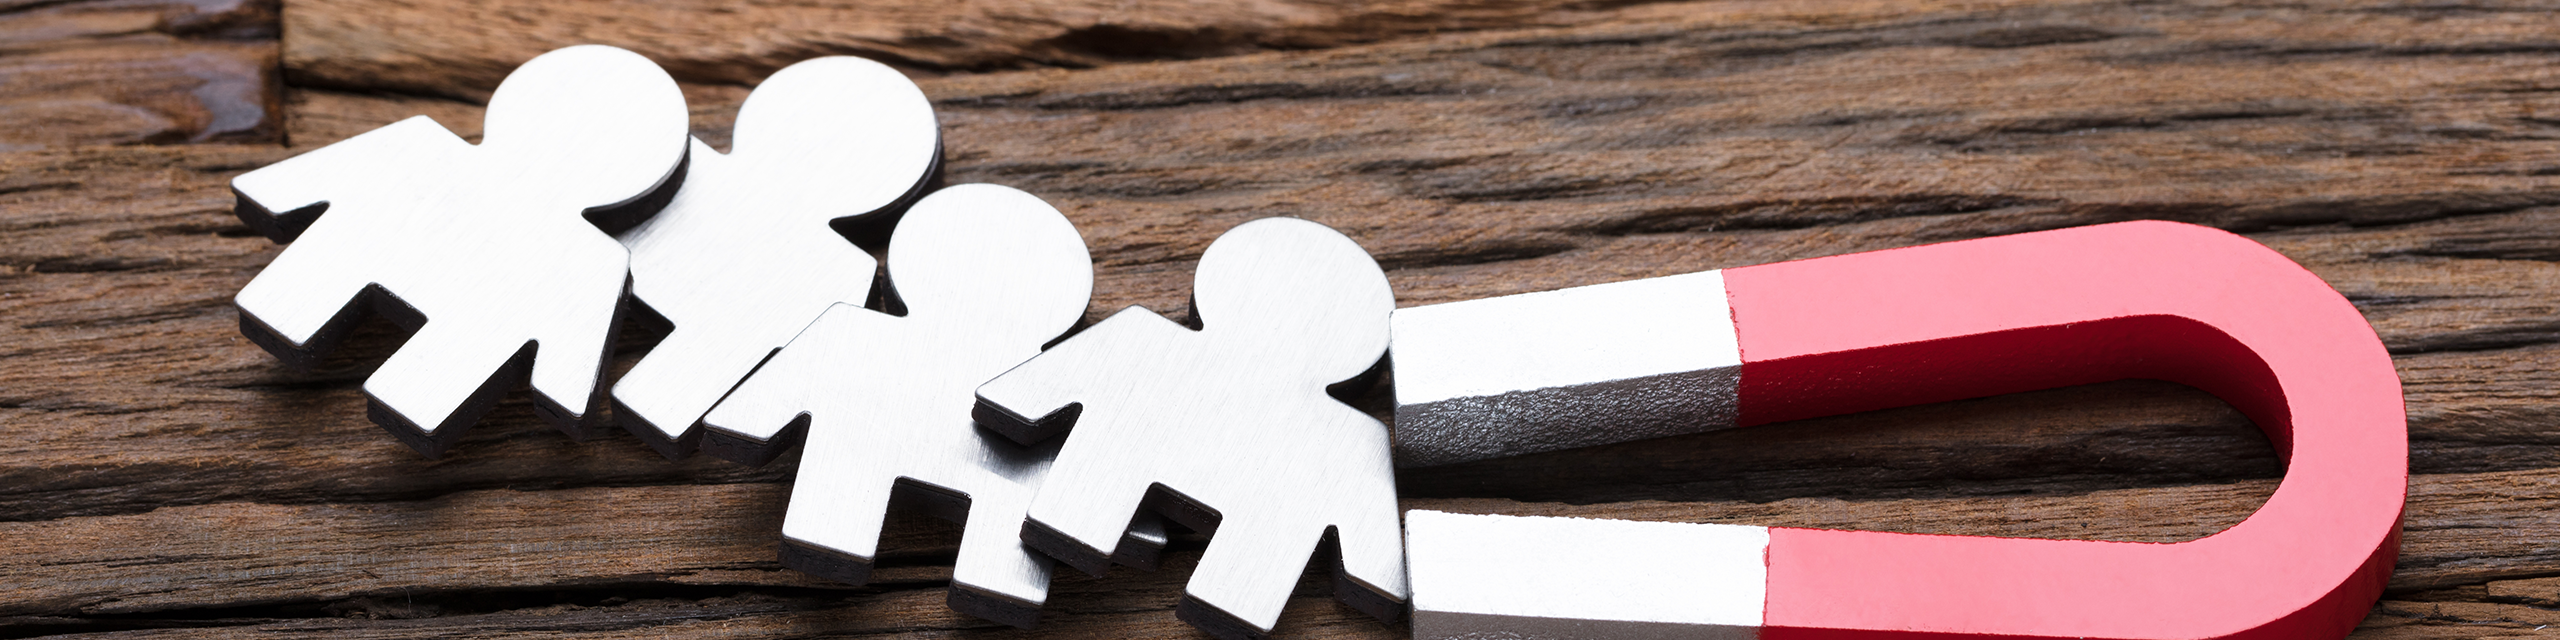 Leve de liefde: waarom aantrekkingskracht overschat wordt